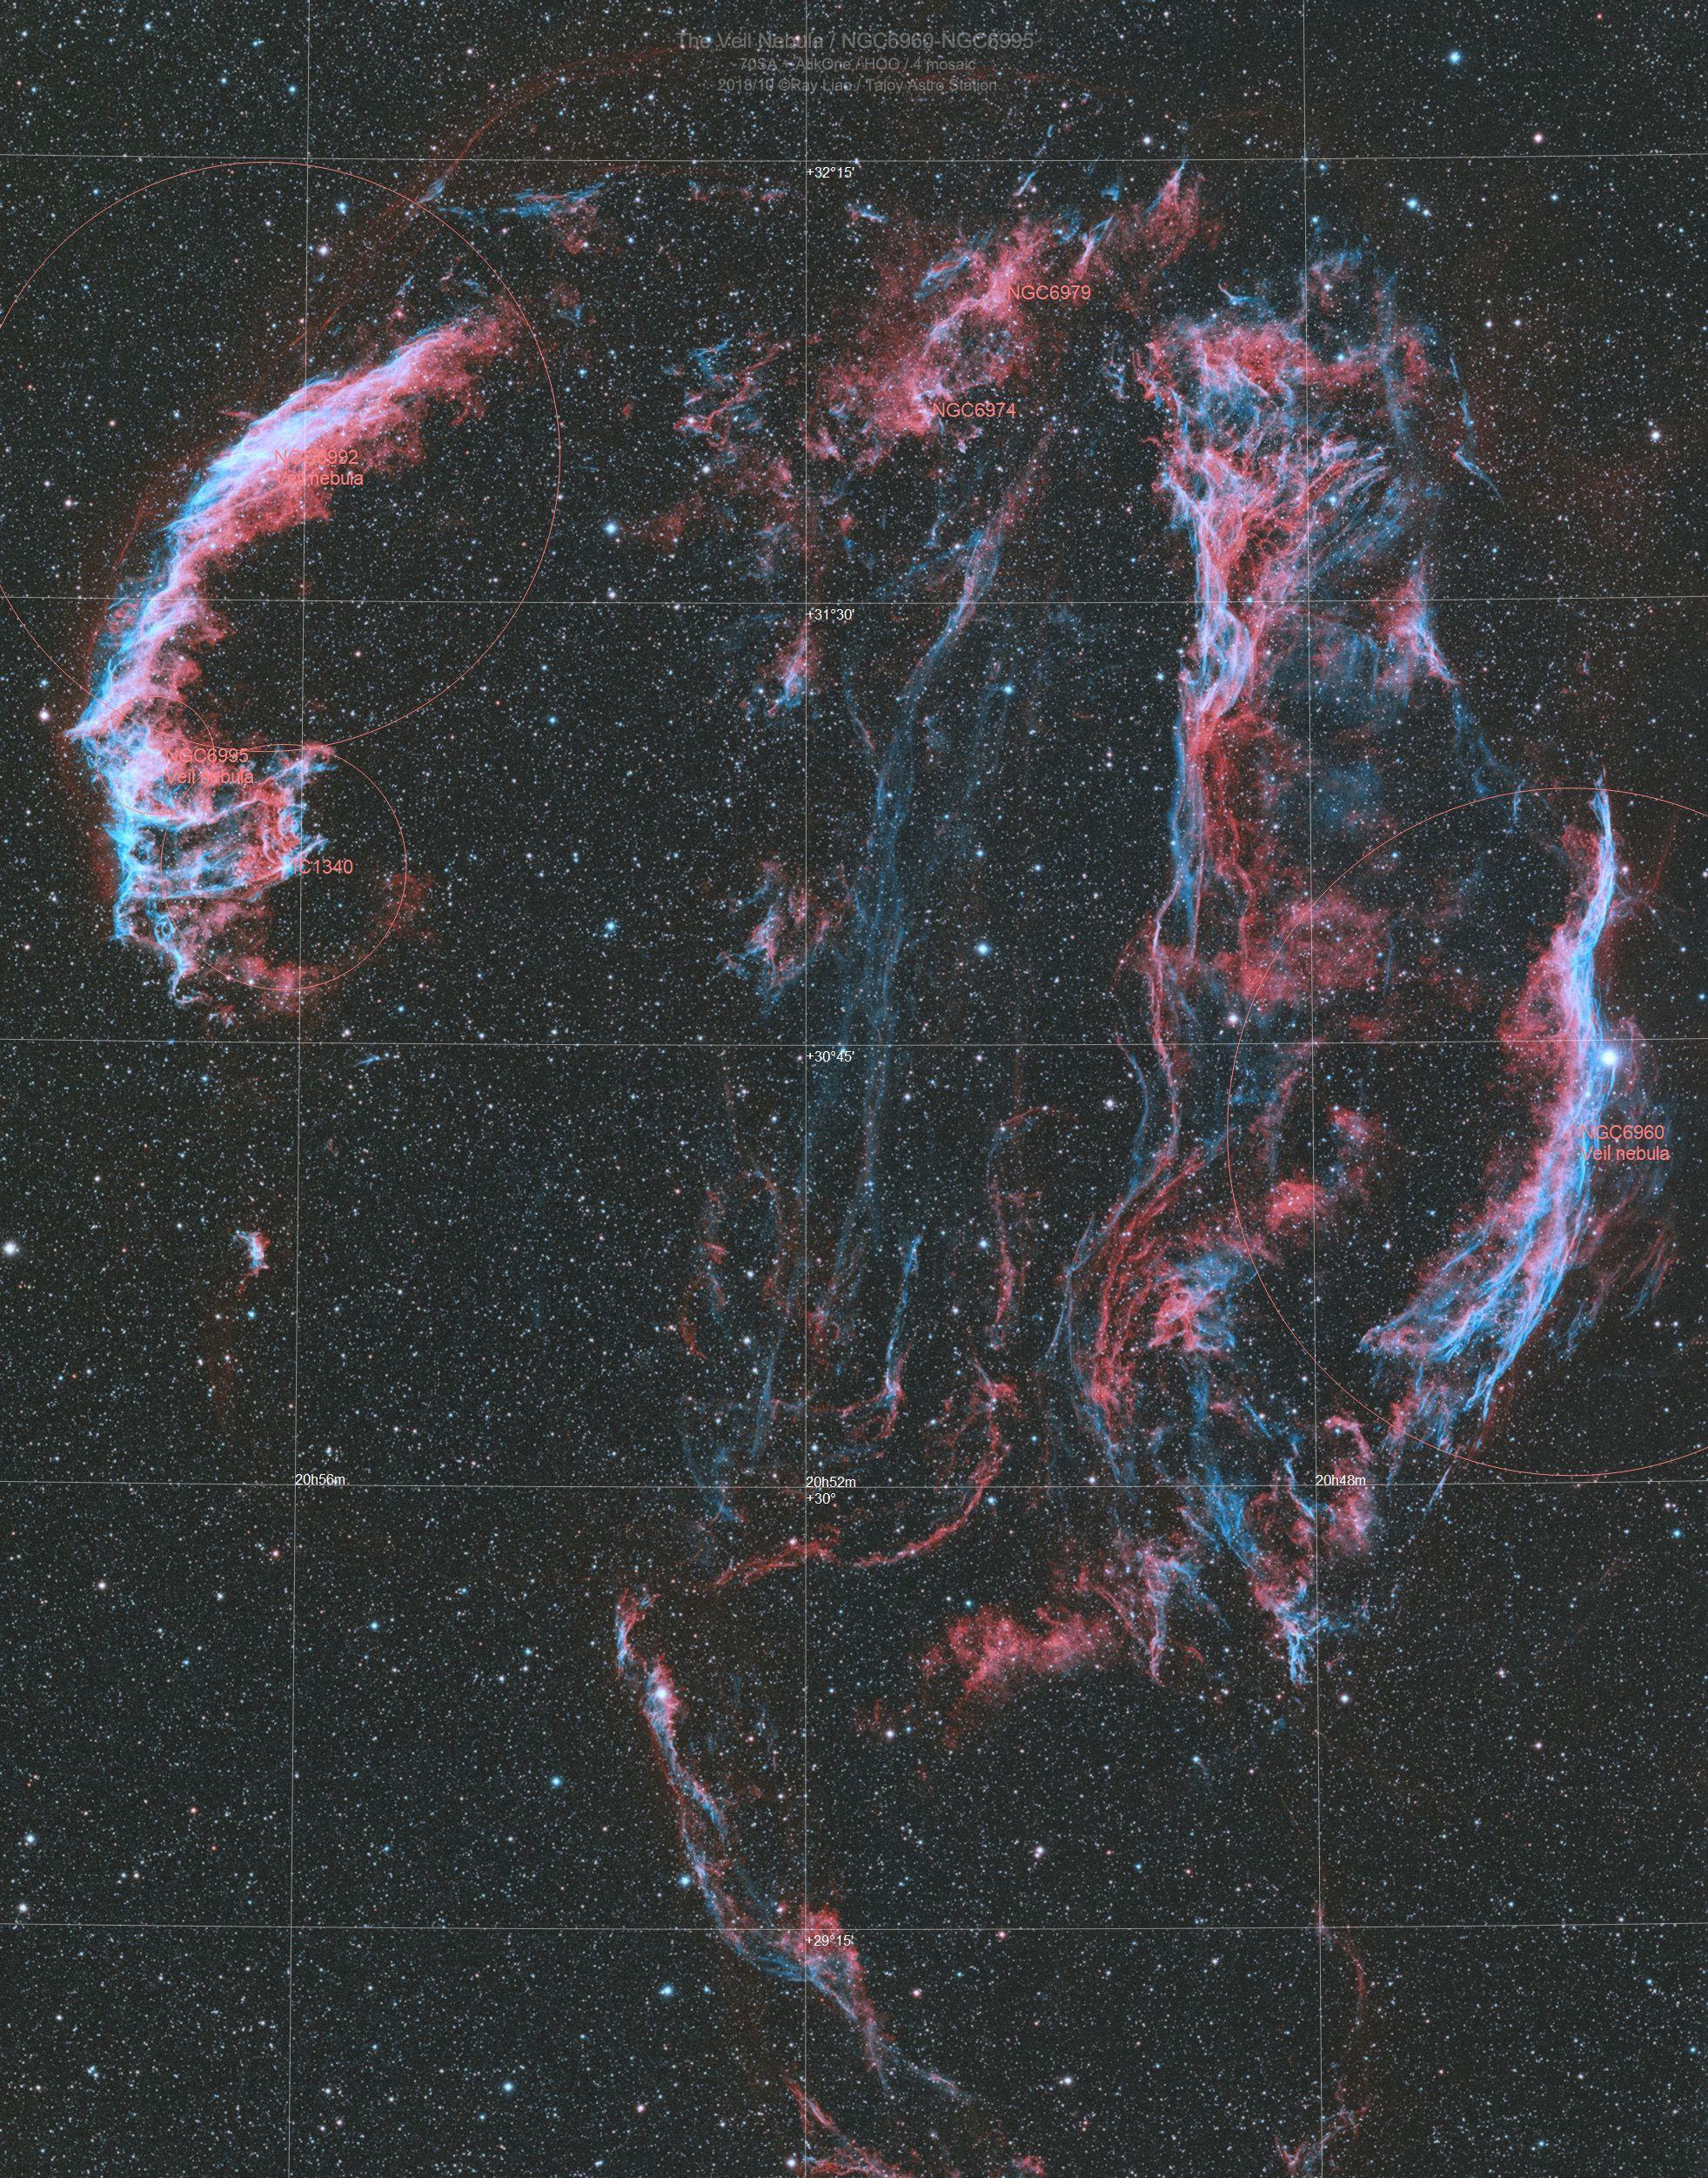 NGC6960_NGC6995_70SA_AtikOne_4Mosaic_HOO_bin2_Annotated.jpg